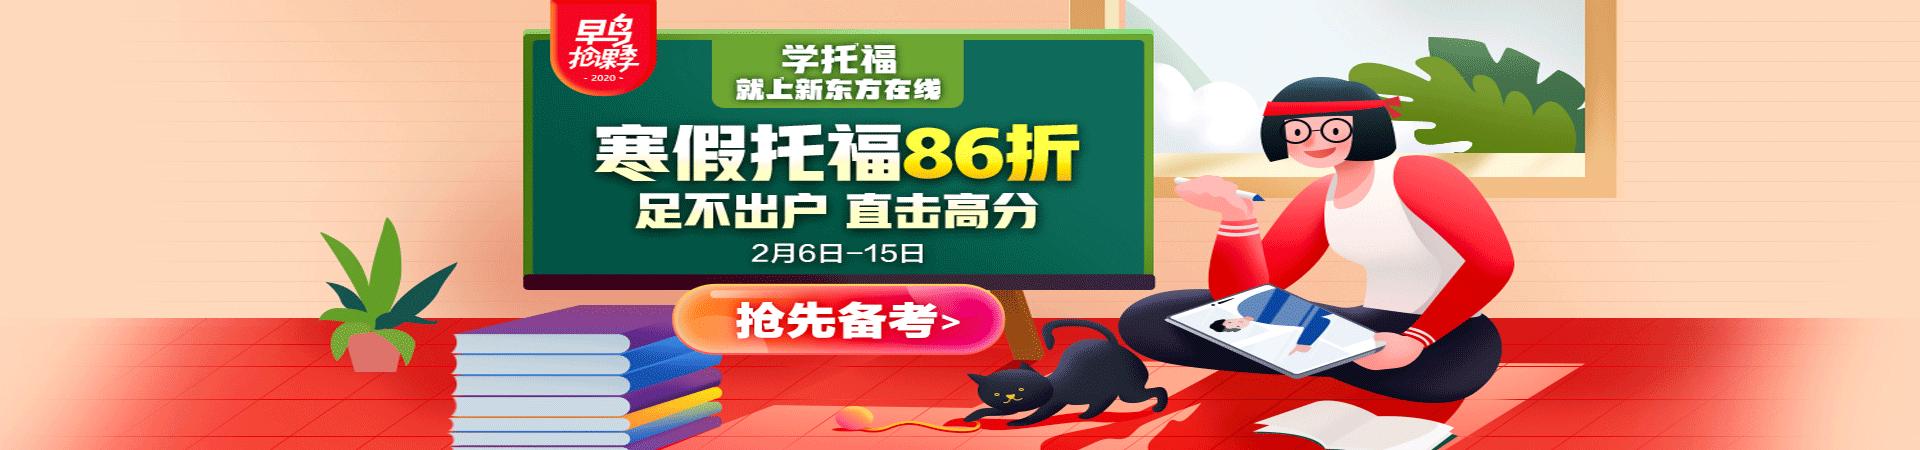 托福网络报名_新东方托福网络报名